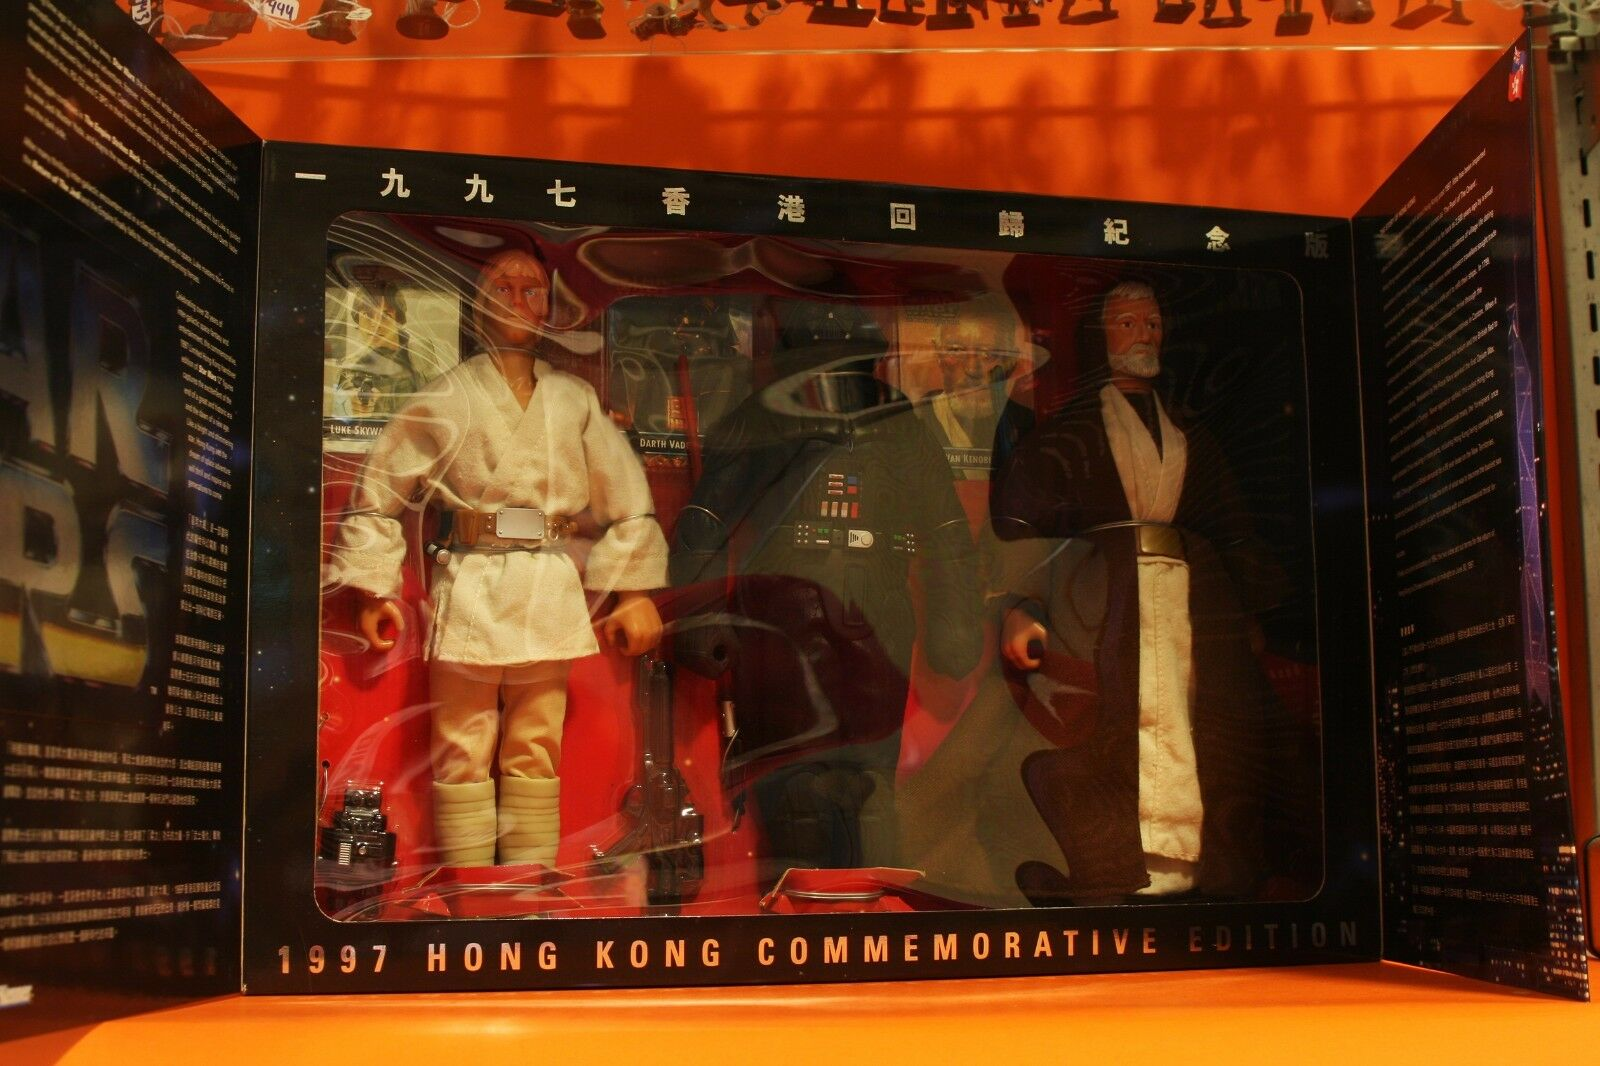 Ven a elegir tu propio estilo deportivo. Estrella Wars Wars Wars - 1997 Bocina Kong Conmemorativa Set - 12  3X Figura Set Sellado  BELLEZA   de moda